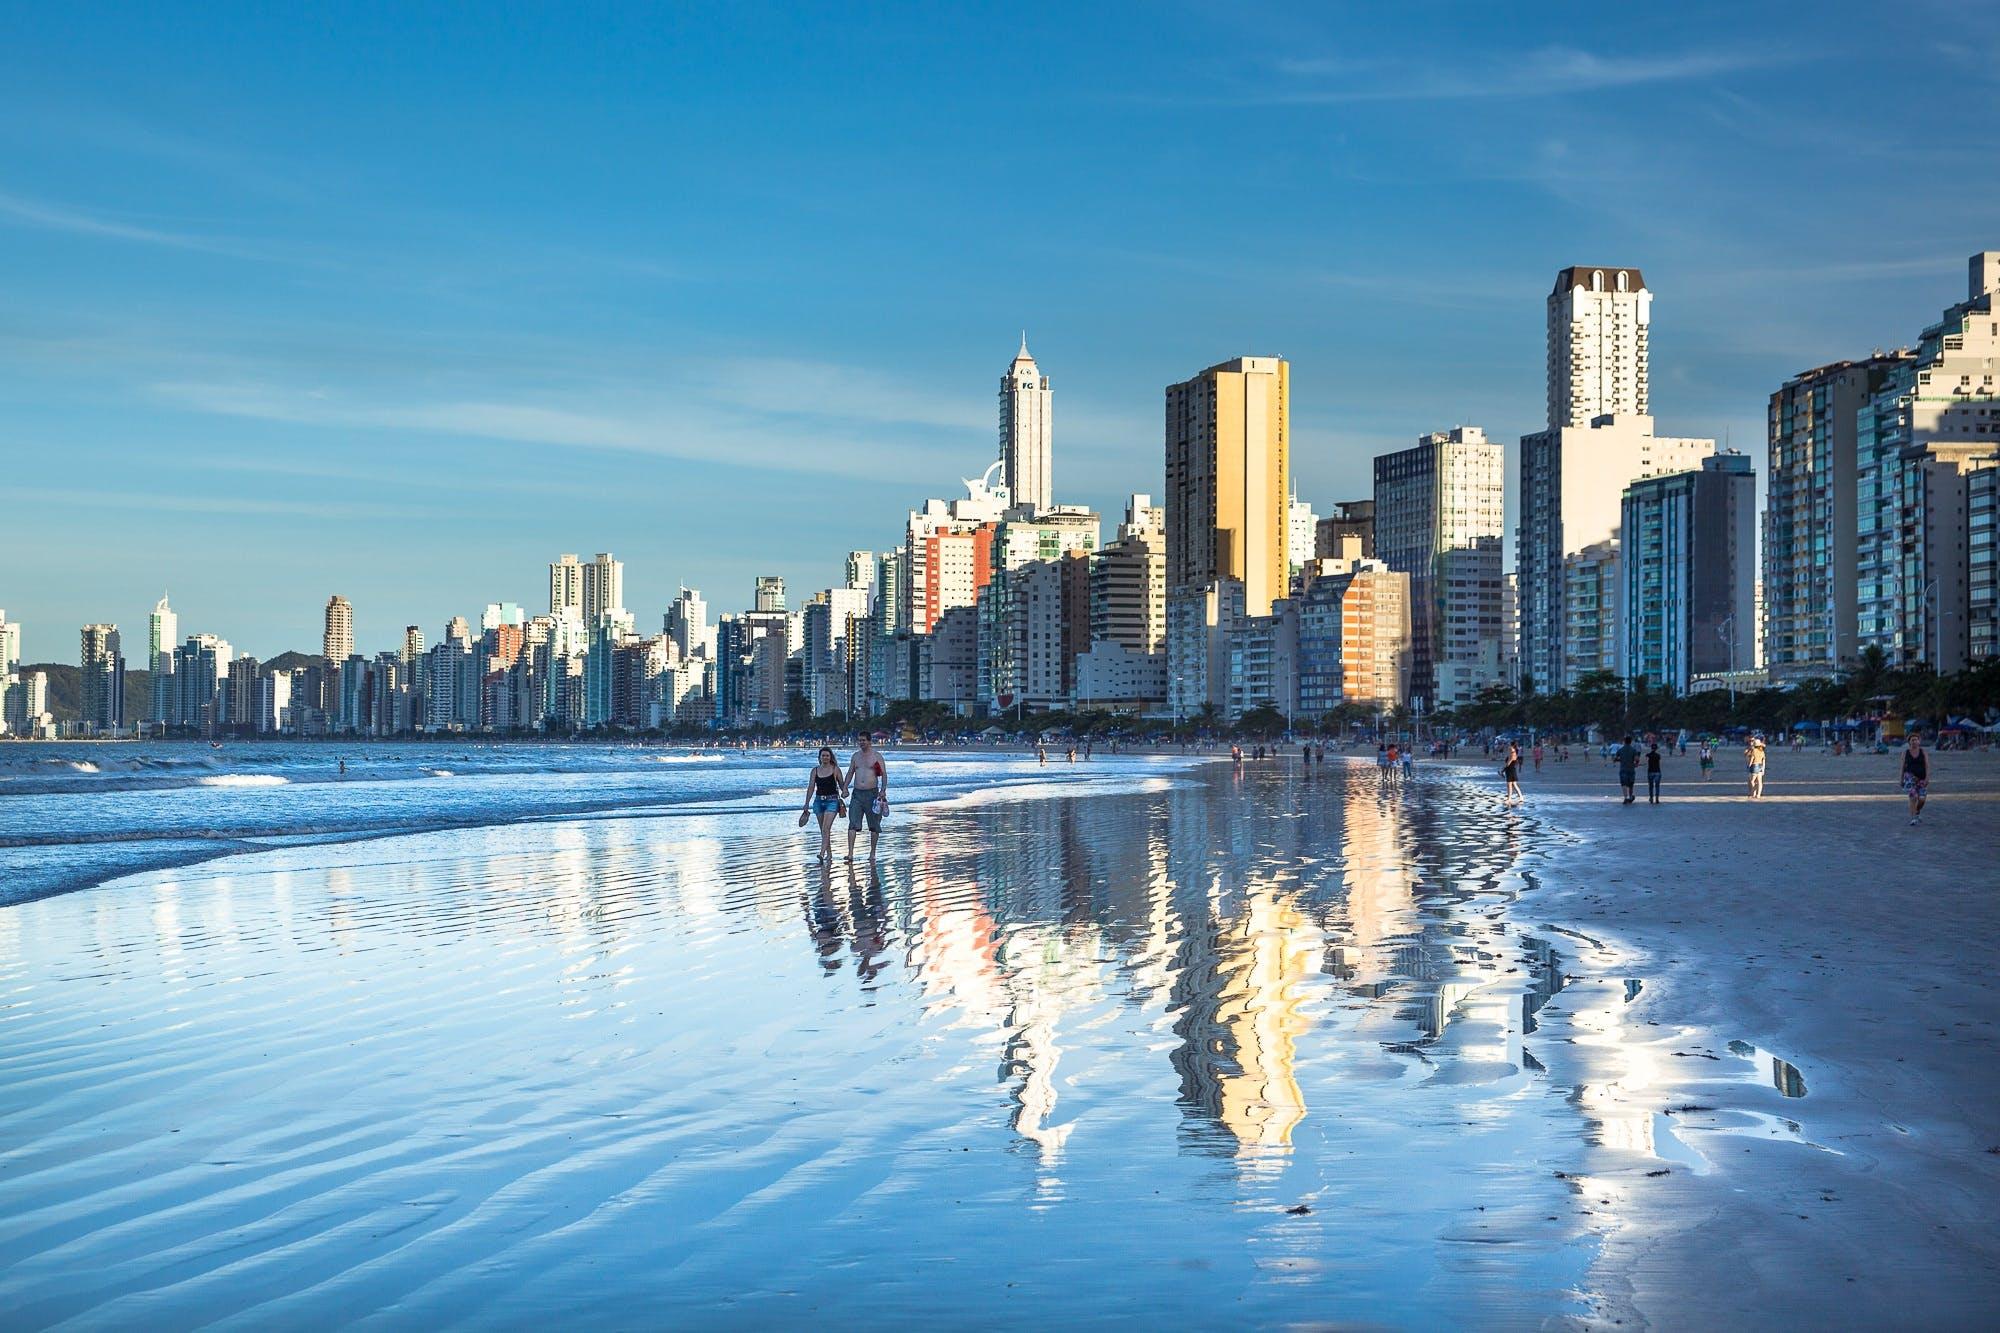 反射, 地標, 城市, 塔 的 免费素材照片